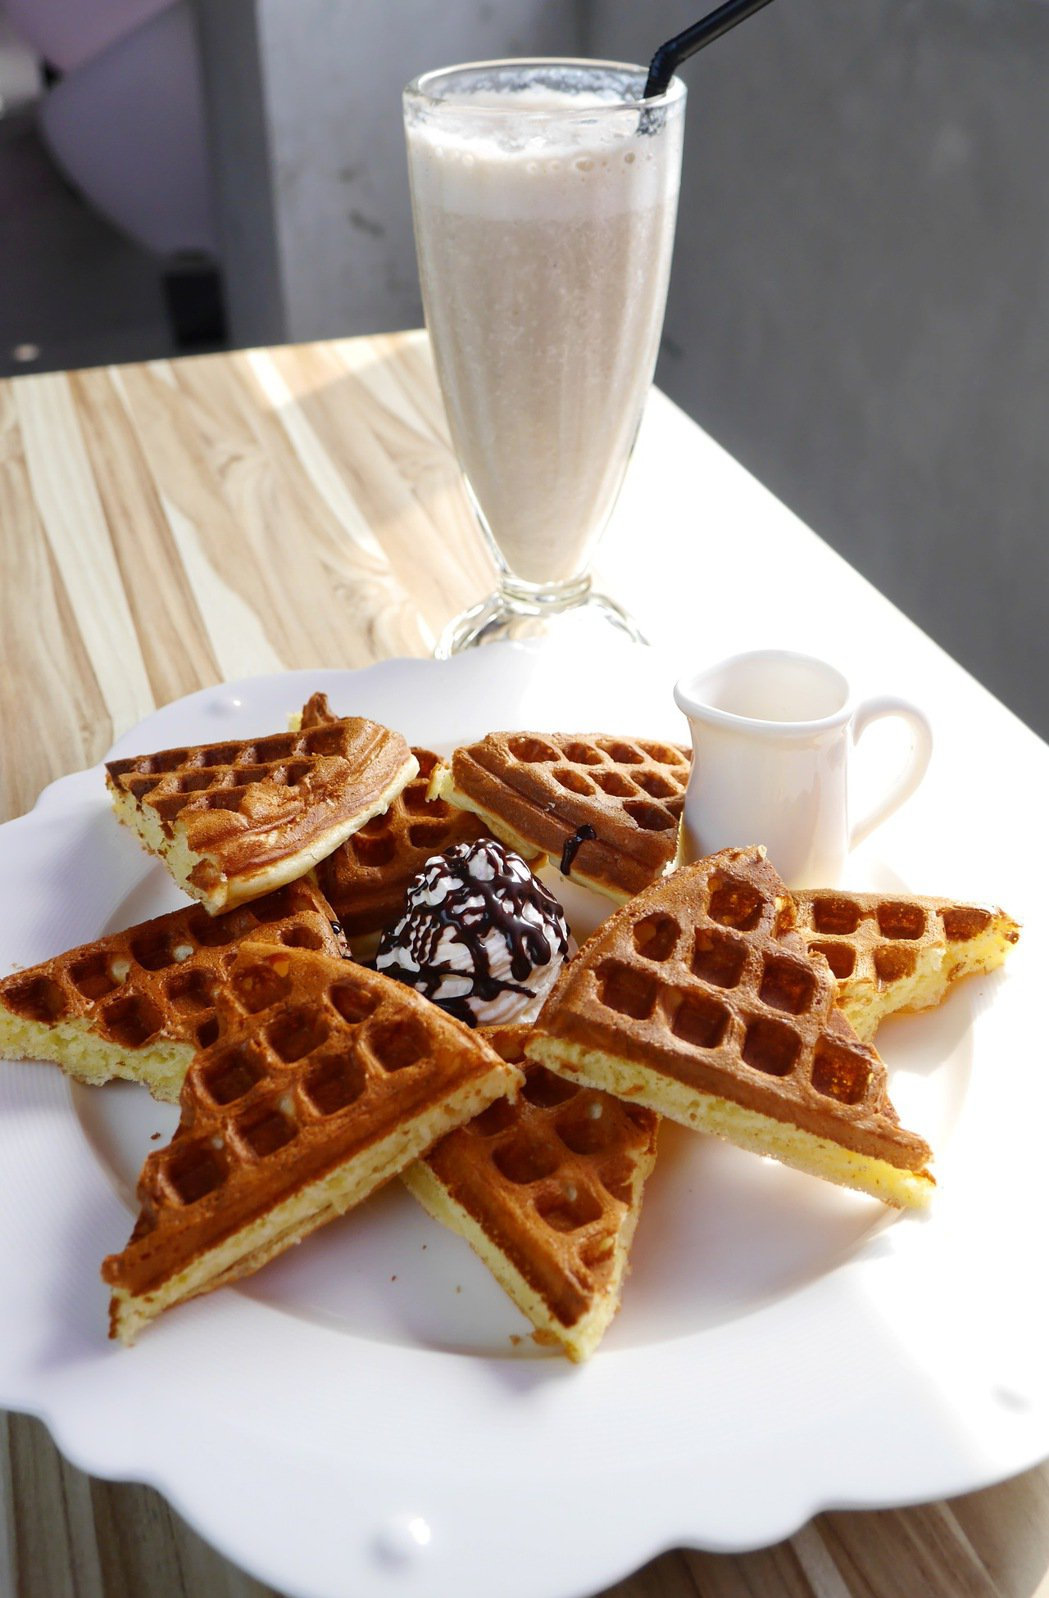 LOFT17除了提供創意料理外,也有許多人來此享受下午茶。 記者陳威任/攝影